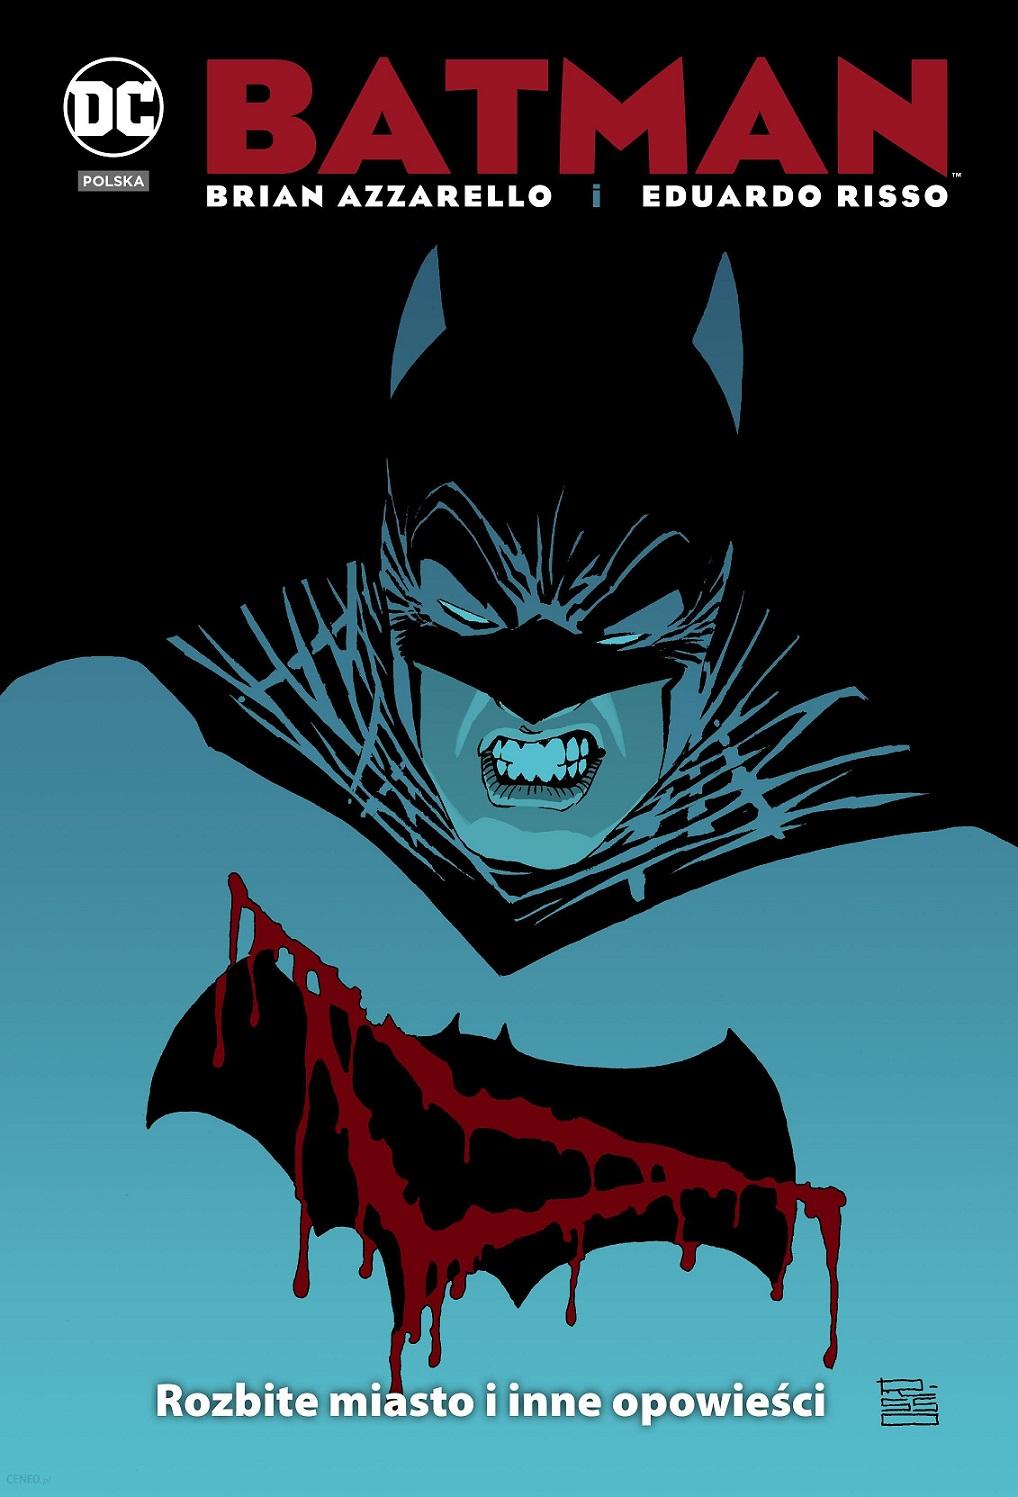 """okładka komiksu """"Batman: Rozbite miasto i inne opowieści"""""""